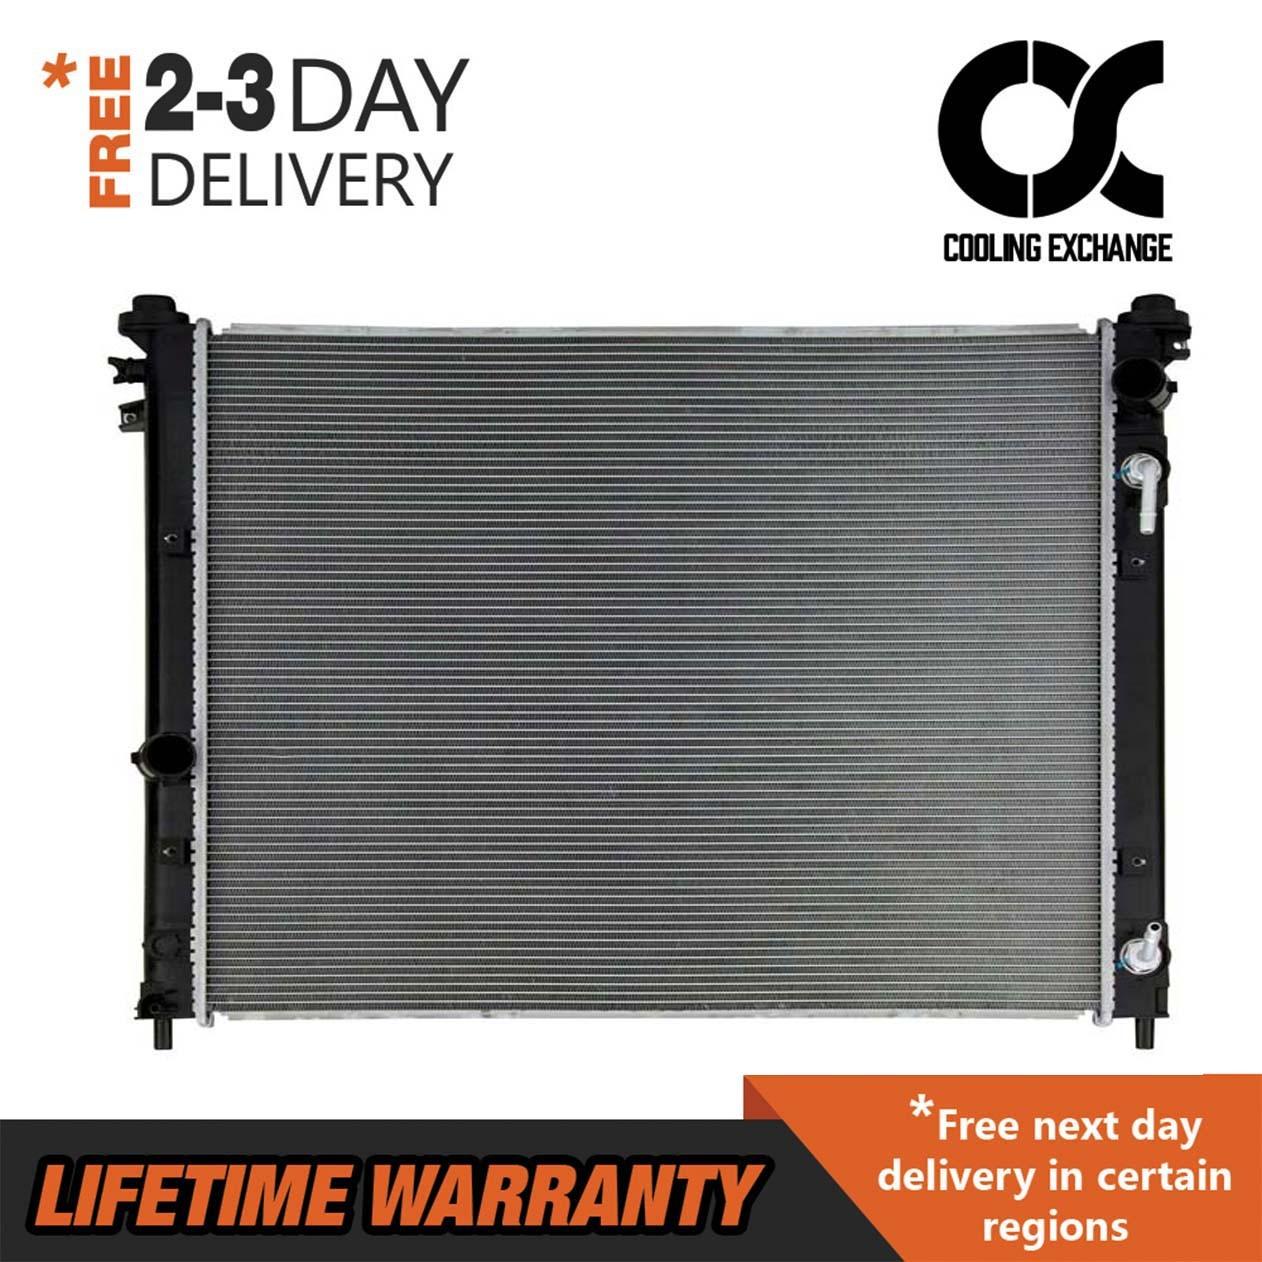 Radiator For Cadillac SRX 2007 -2009 V6 V8 3.6 4.6 | eBay